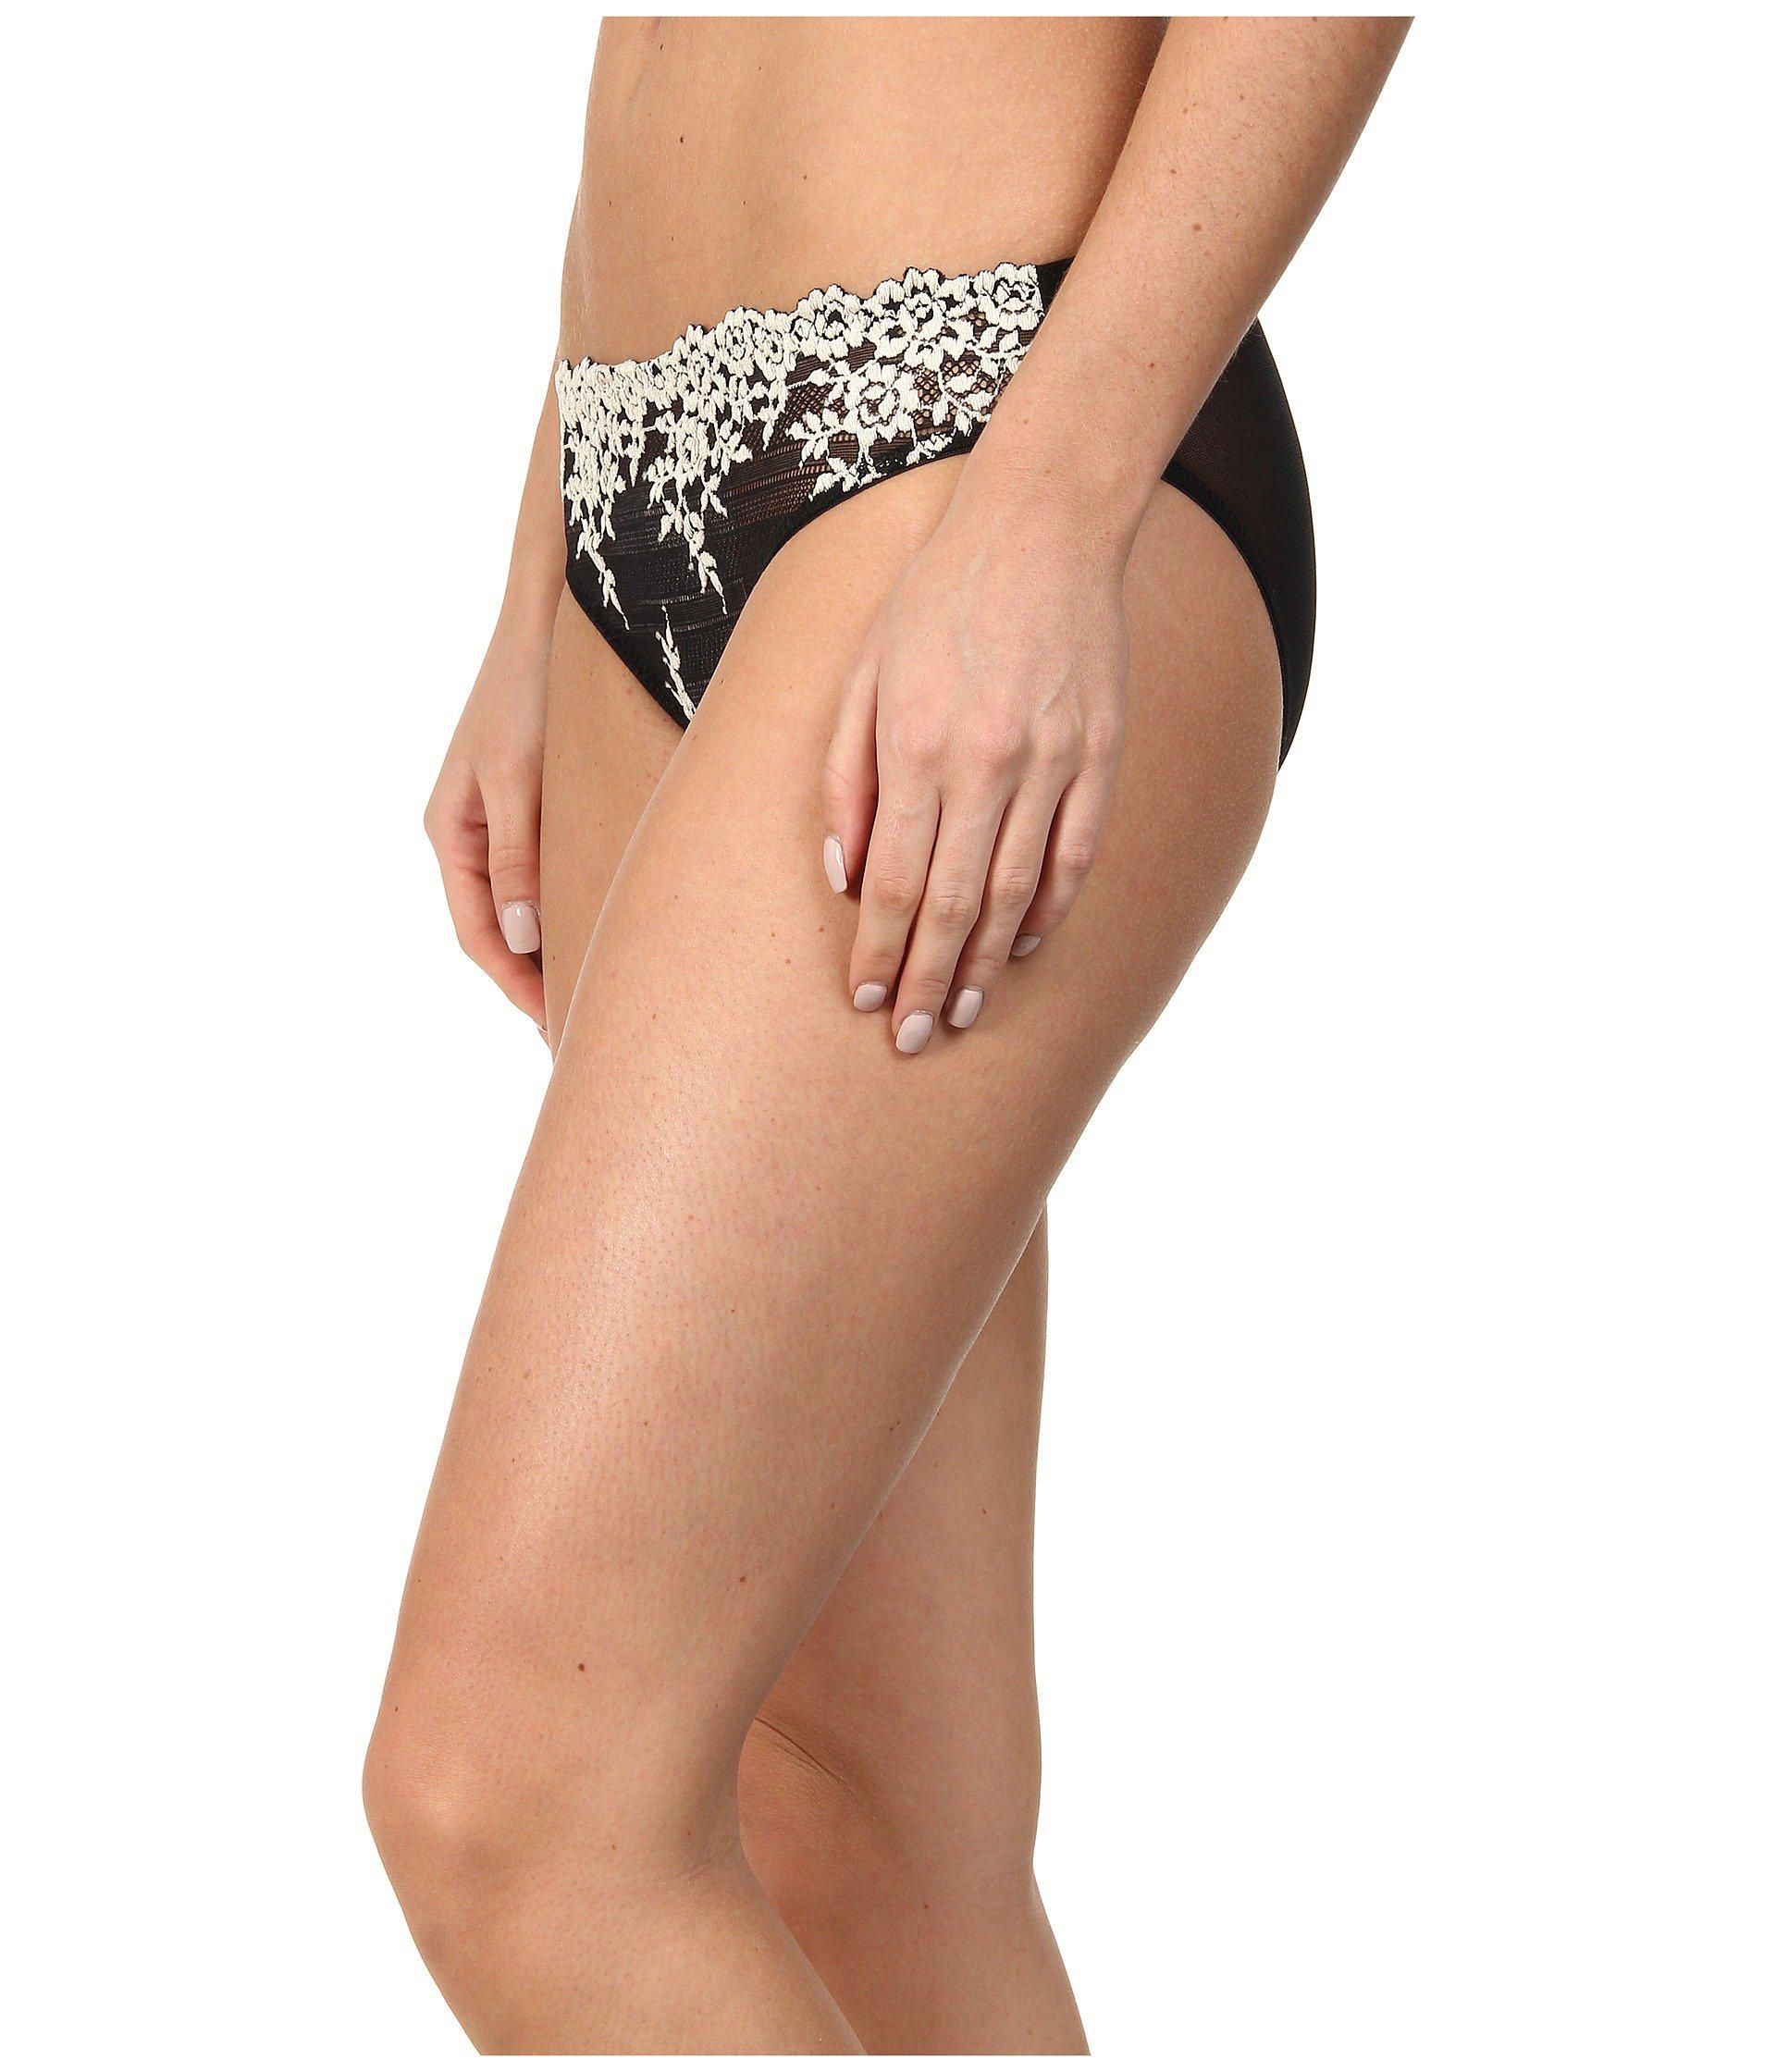 ba63cff87527 Lyst - Wacoal Embrace Lace Bikini (natural Nude/ivory) Women's Underwear in  Black